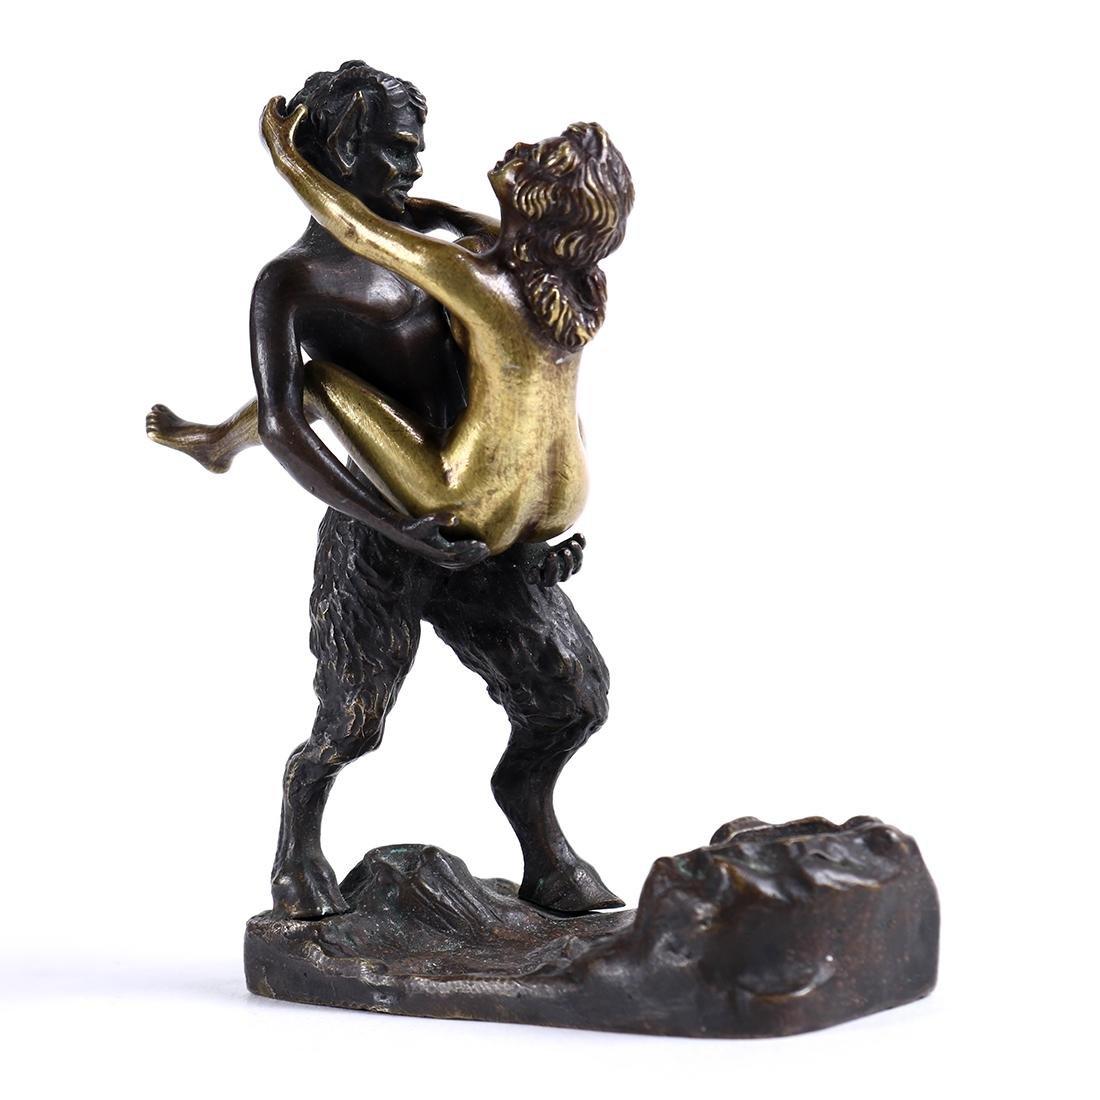 Austrian Franz Bergmann erotic bronze sculpture